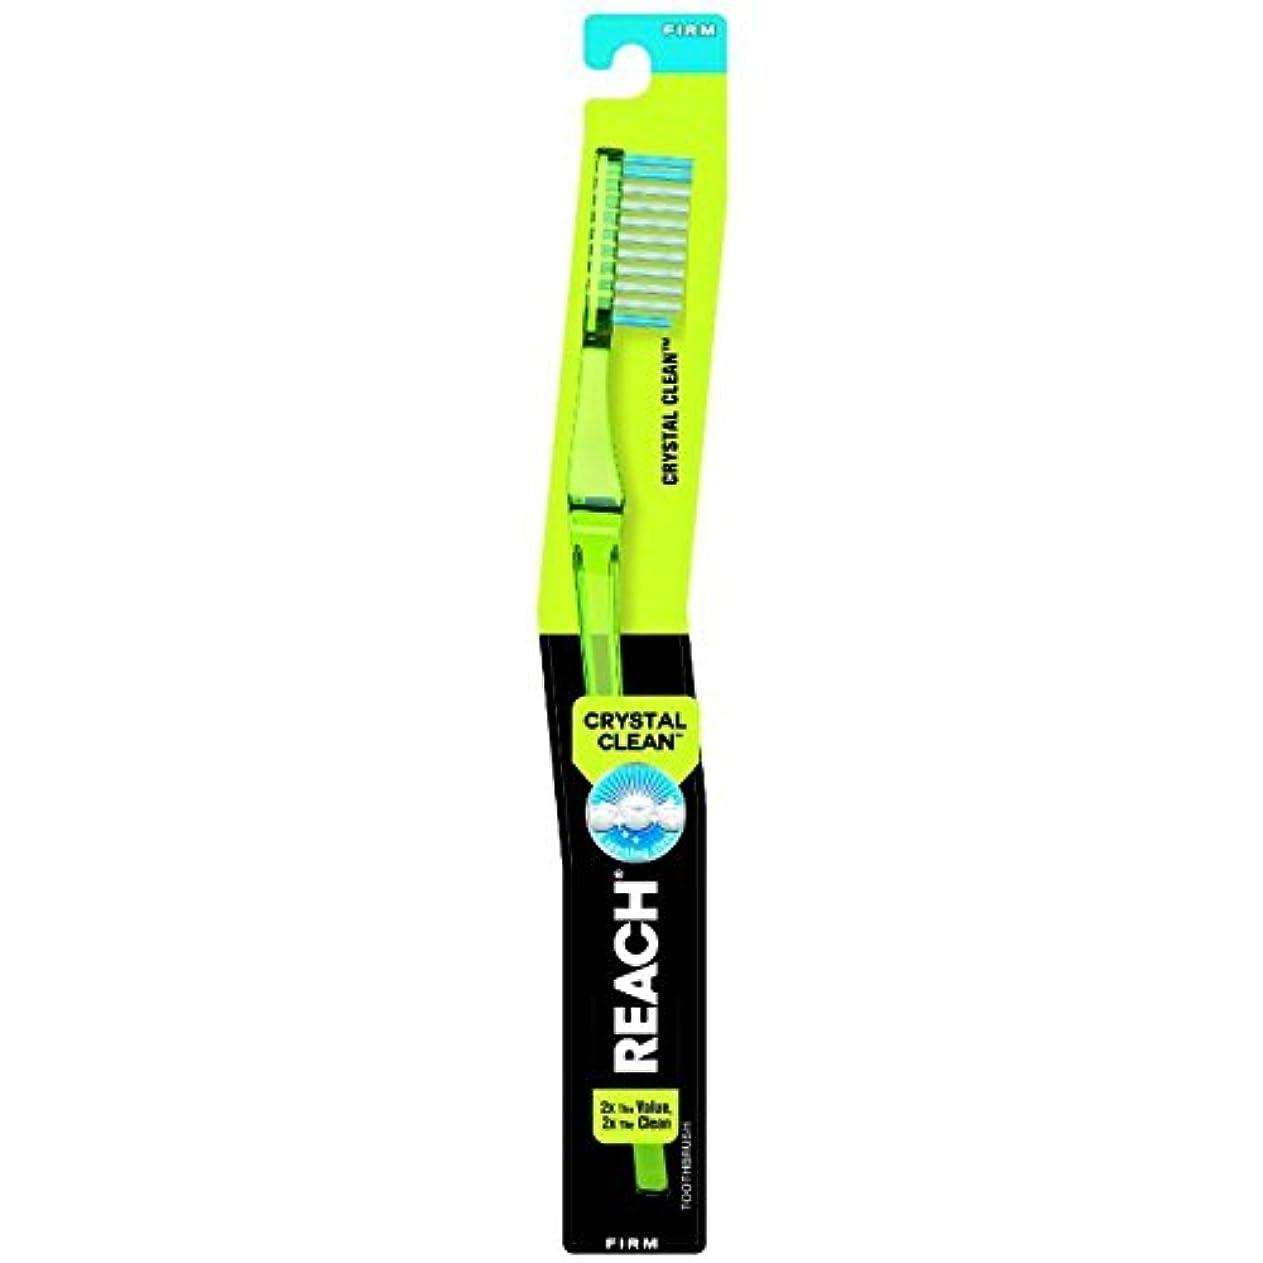 壊滅的なお客様熱心なReach クリスタルクリーン事務所抗菌キャップ、1 EAで大人歯ブラシ - ブルー(4パック) 4パック